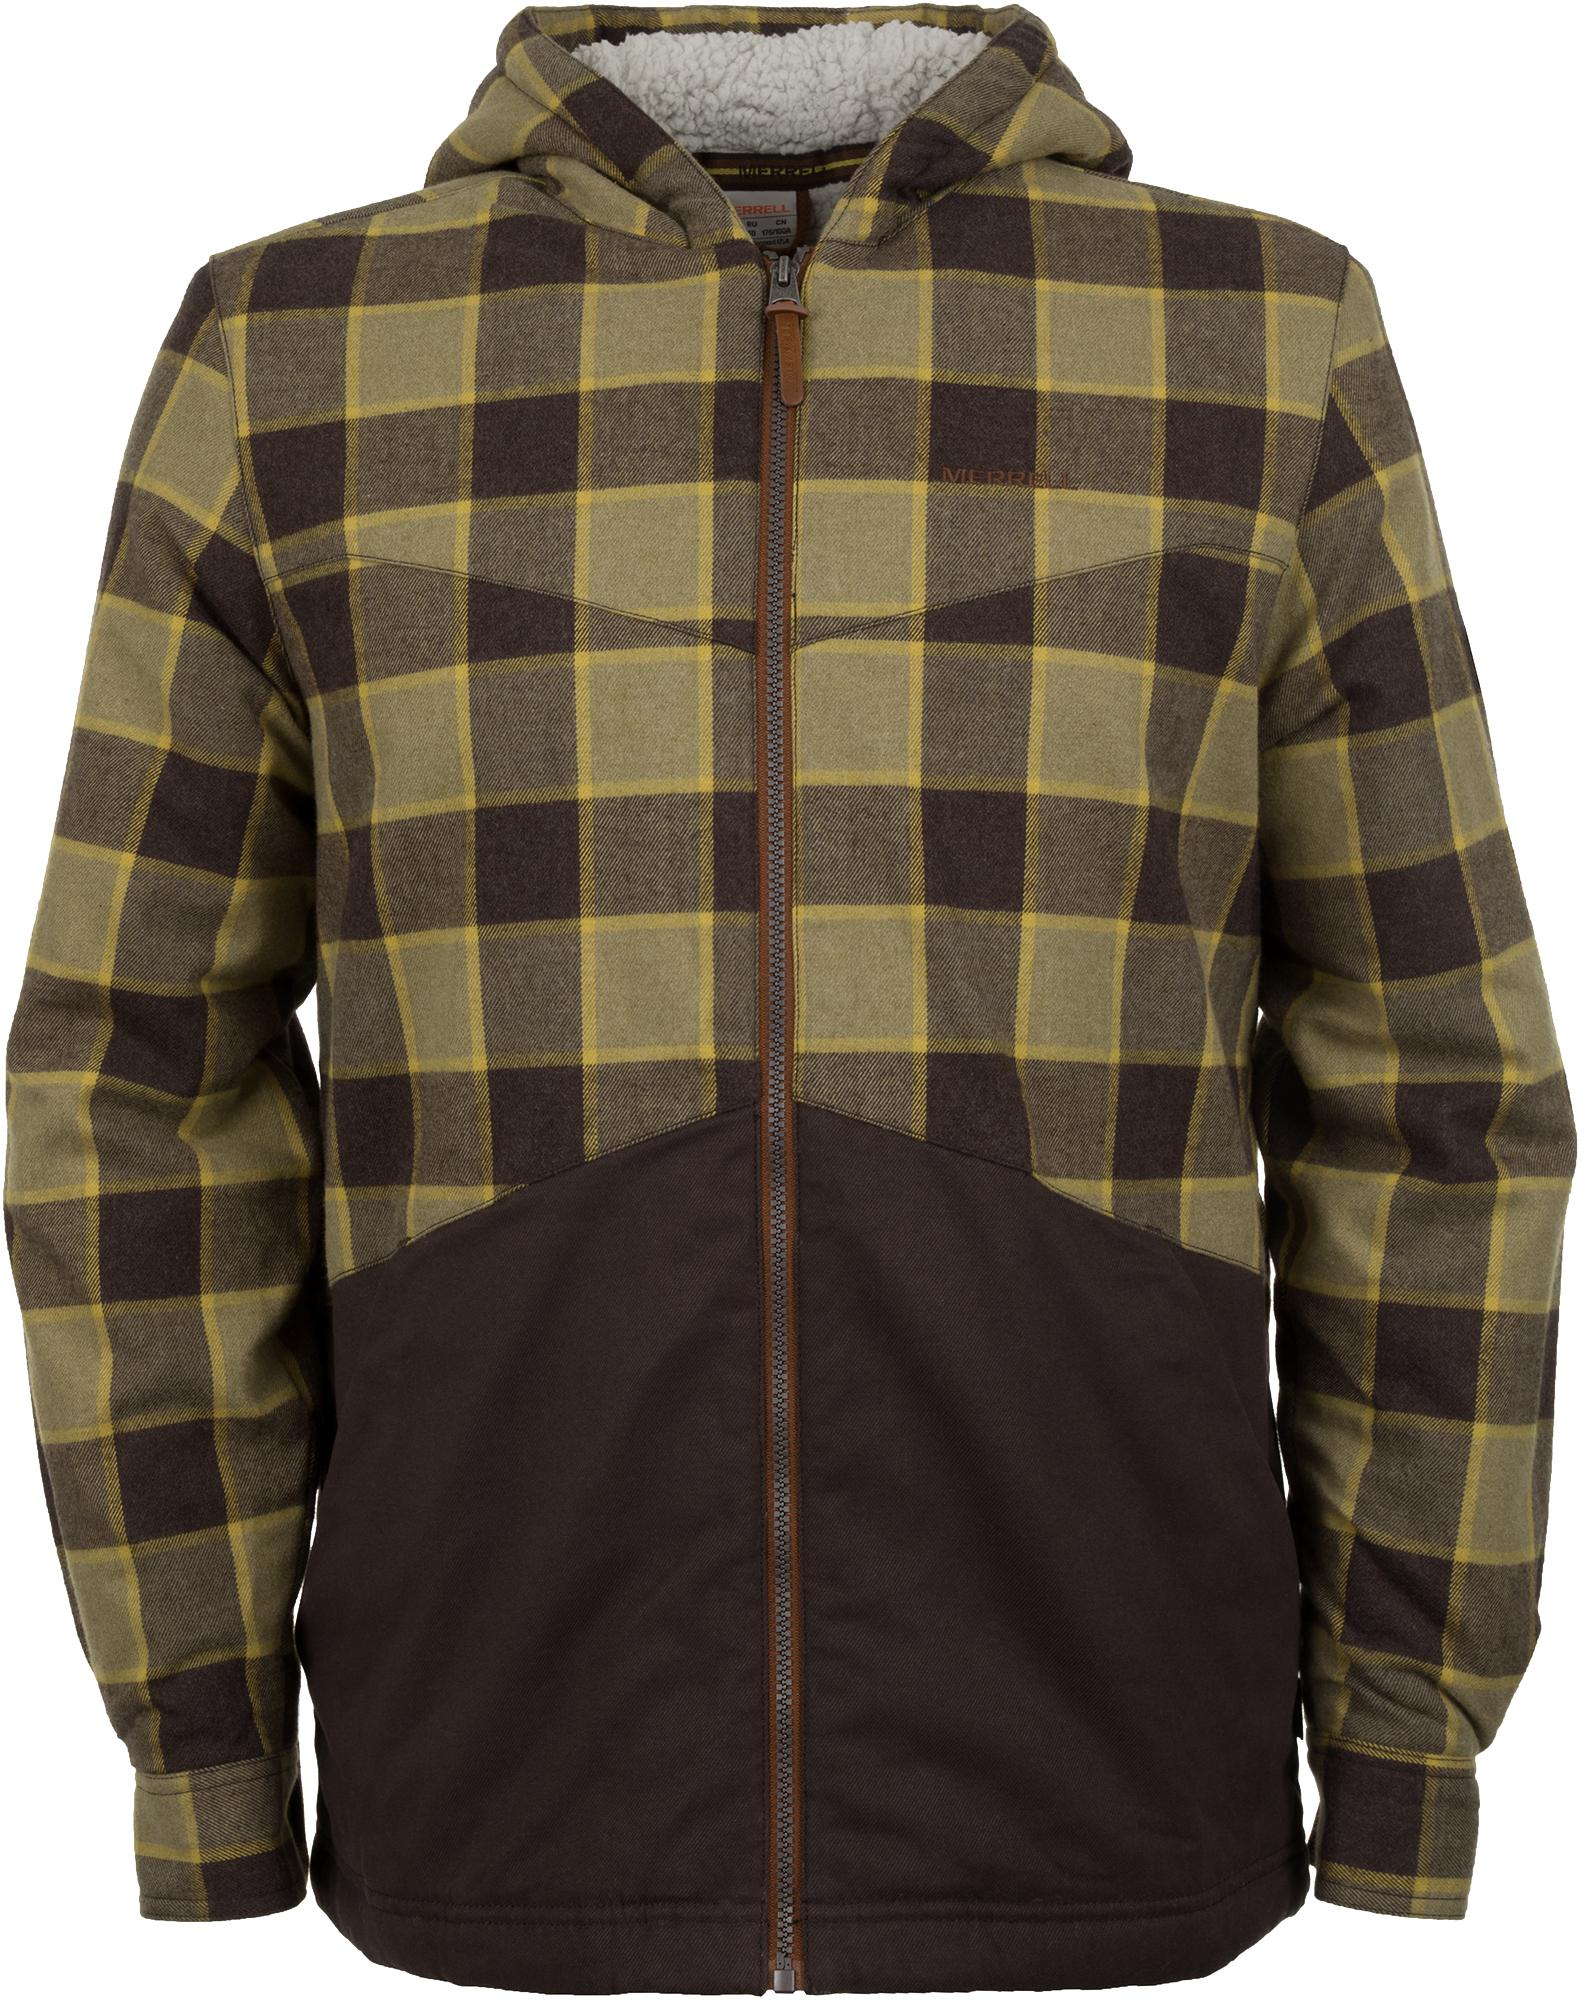 Merrell Рубашка с длинным рукавом мужская Merrell, размер 56 цены онлайн